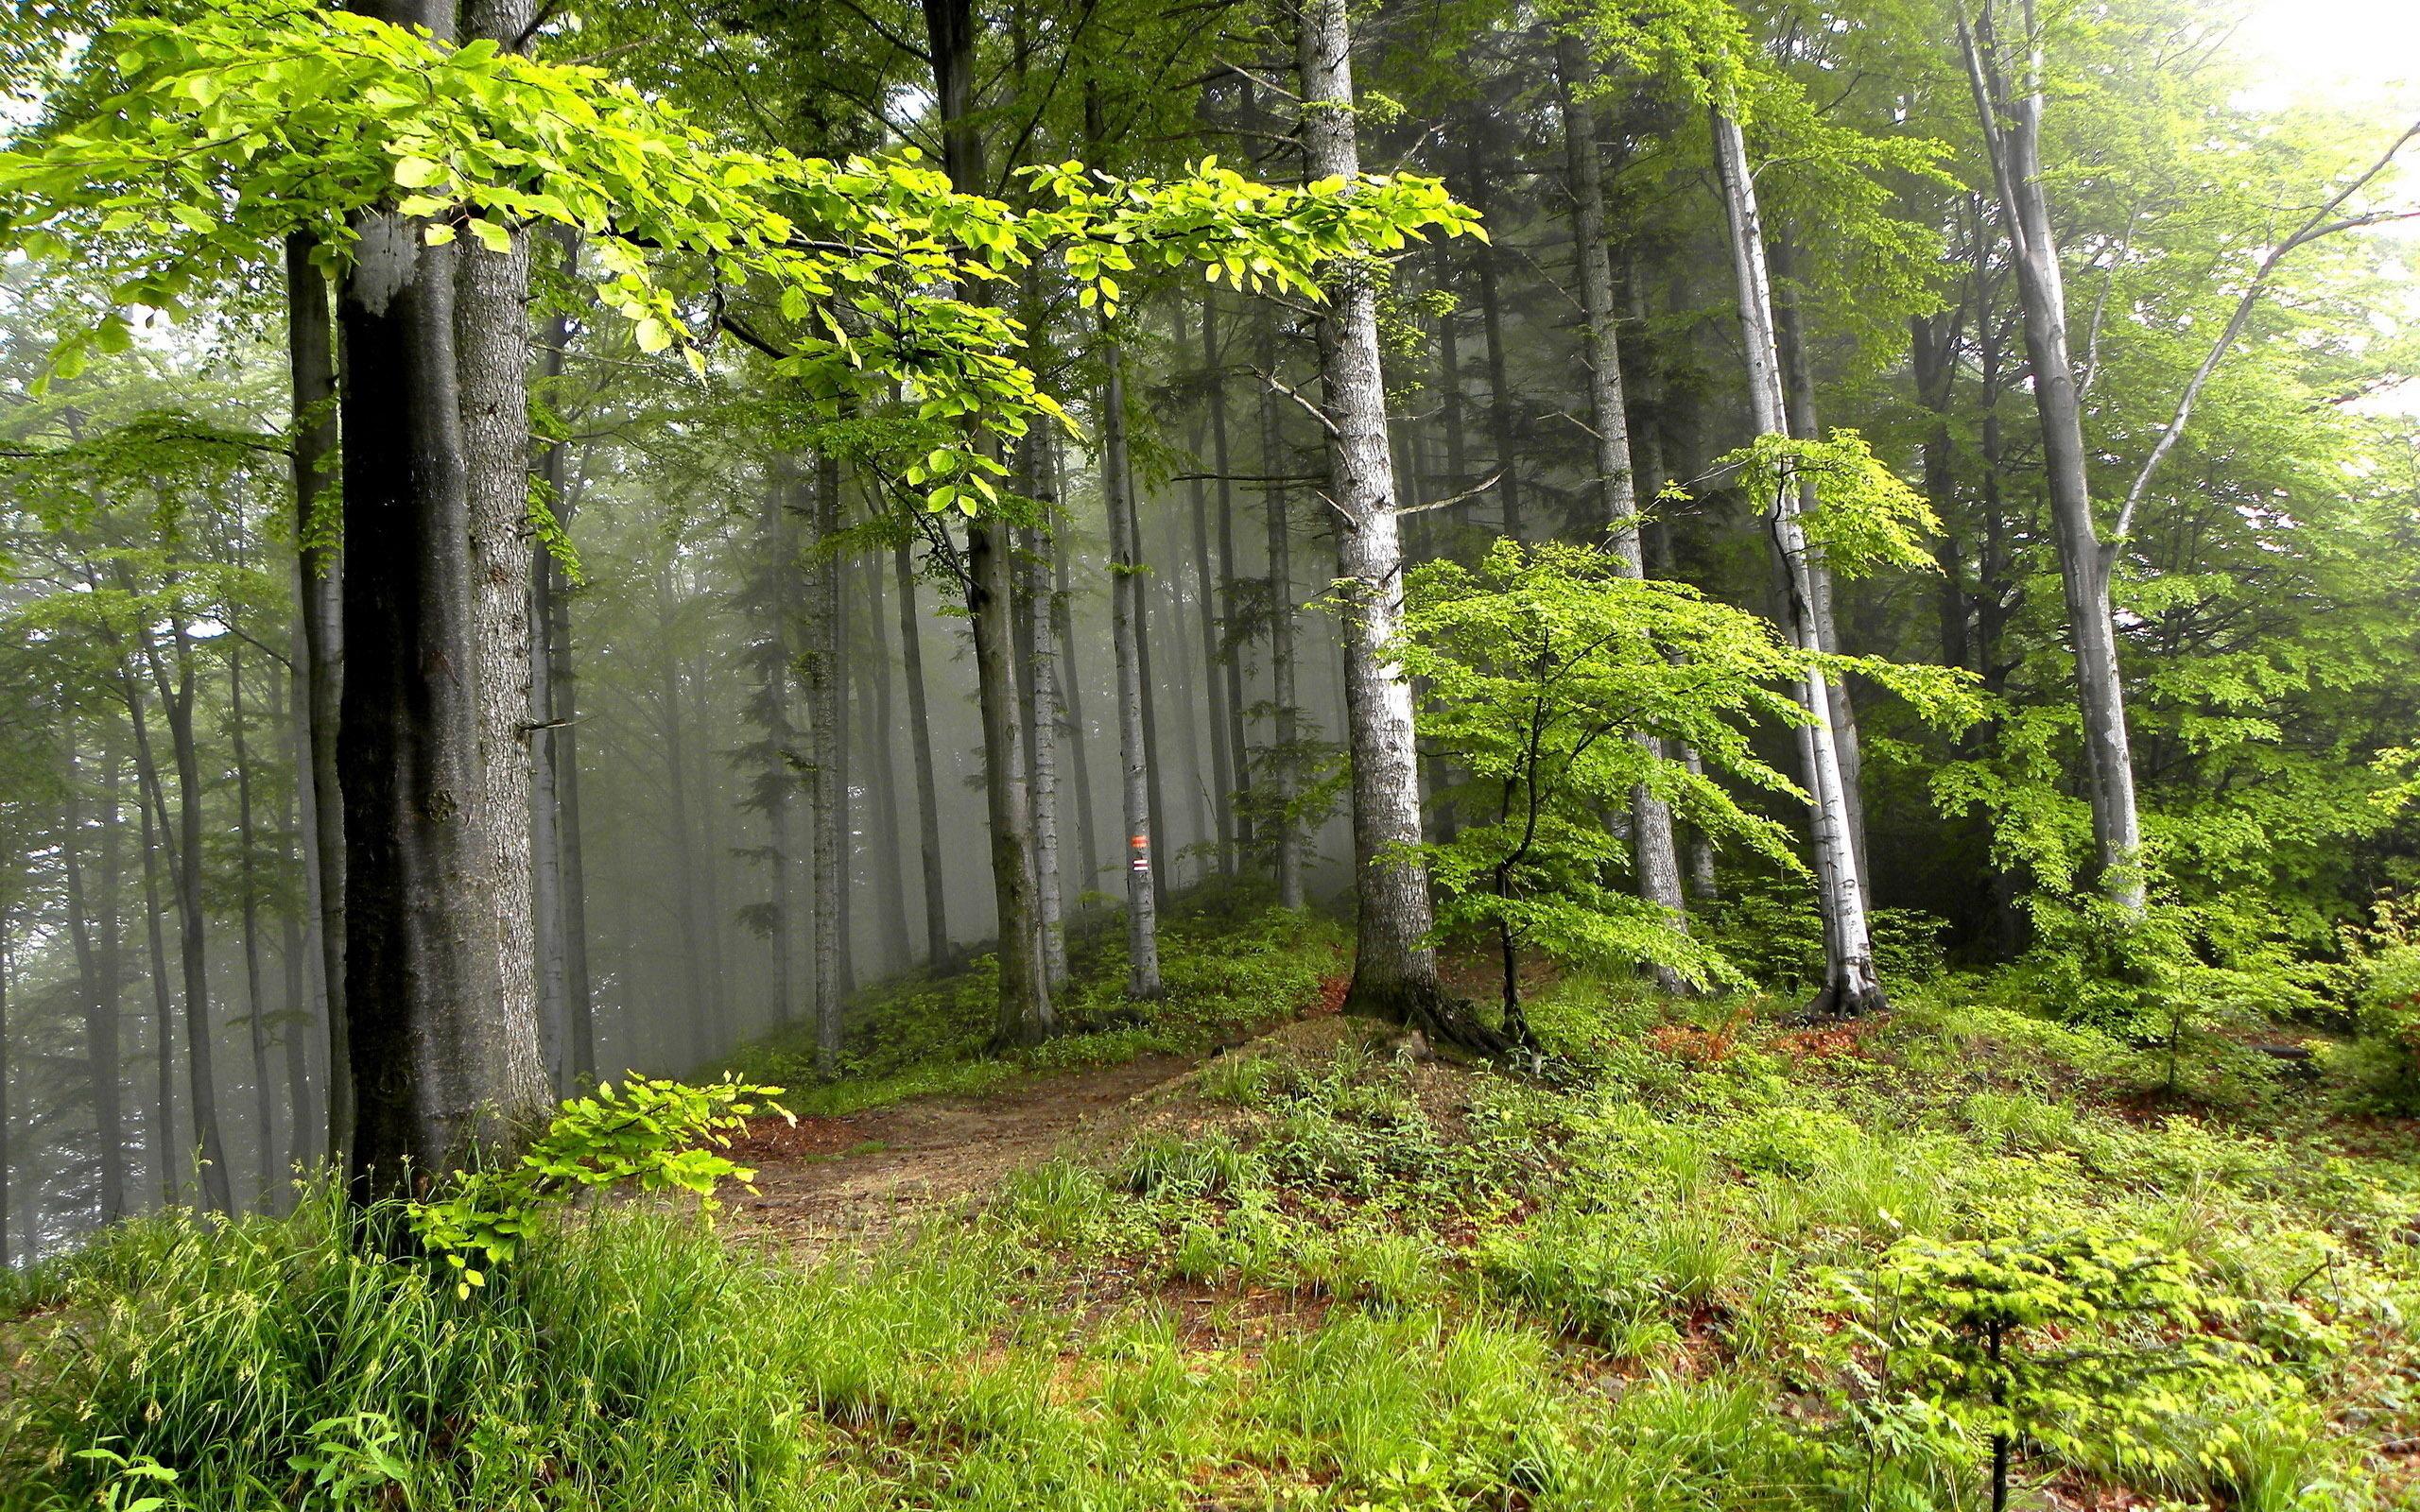 Широкоформатные обои hd лес 1920x1080 картинки фото hd обои.